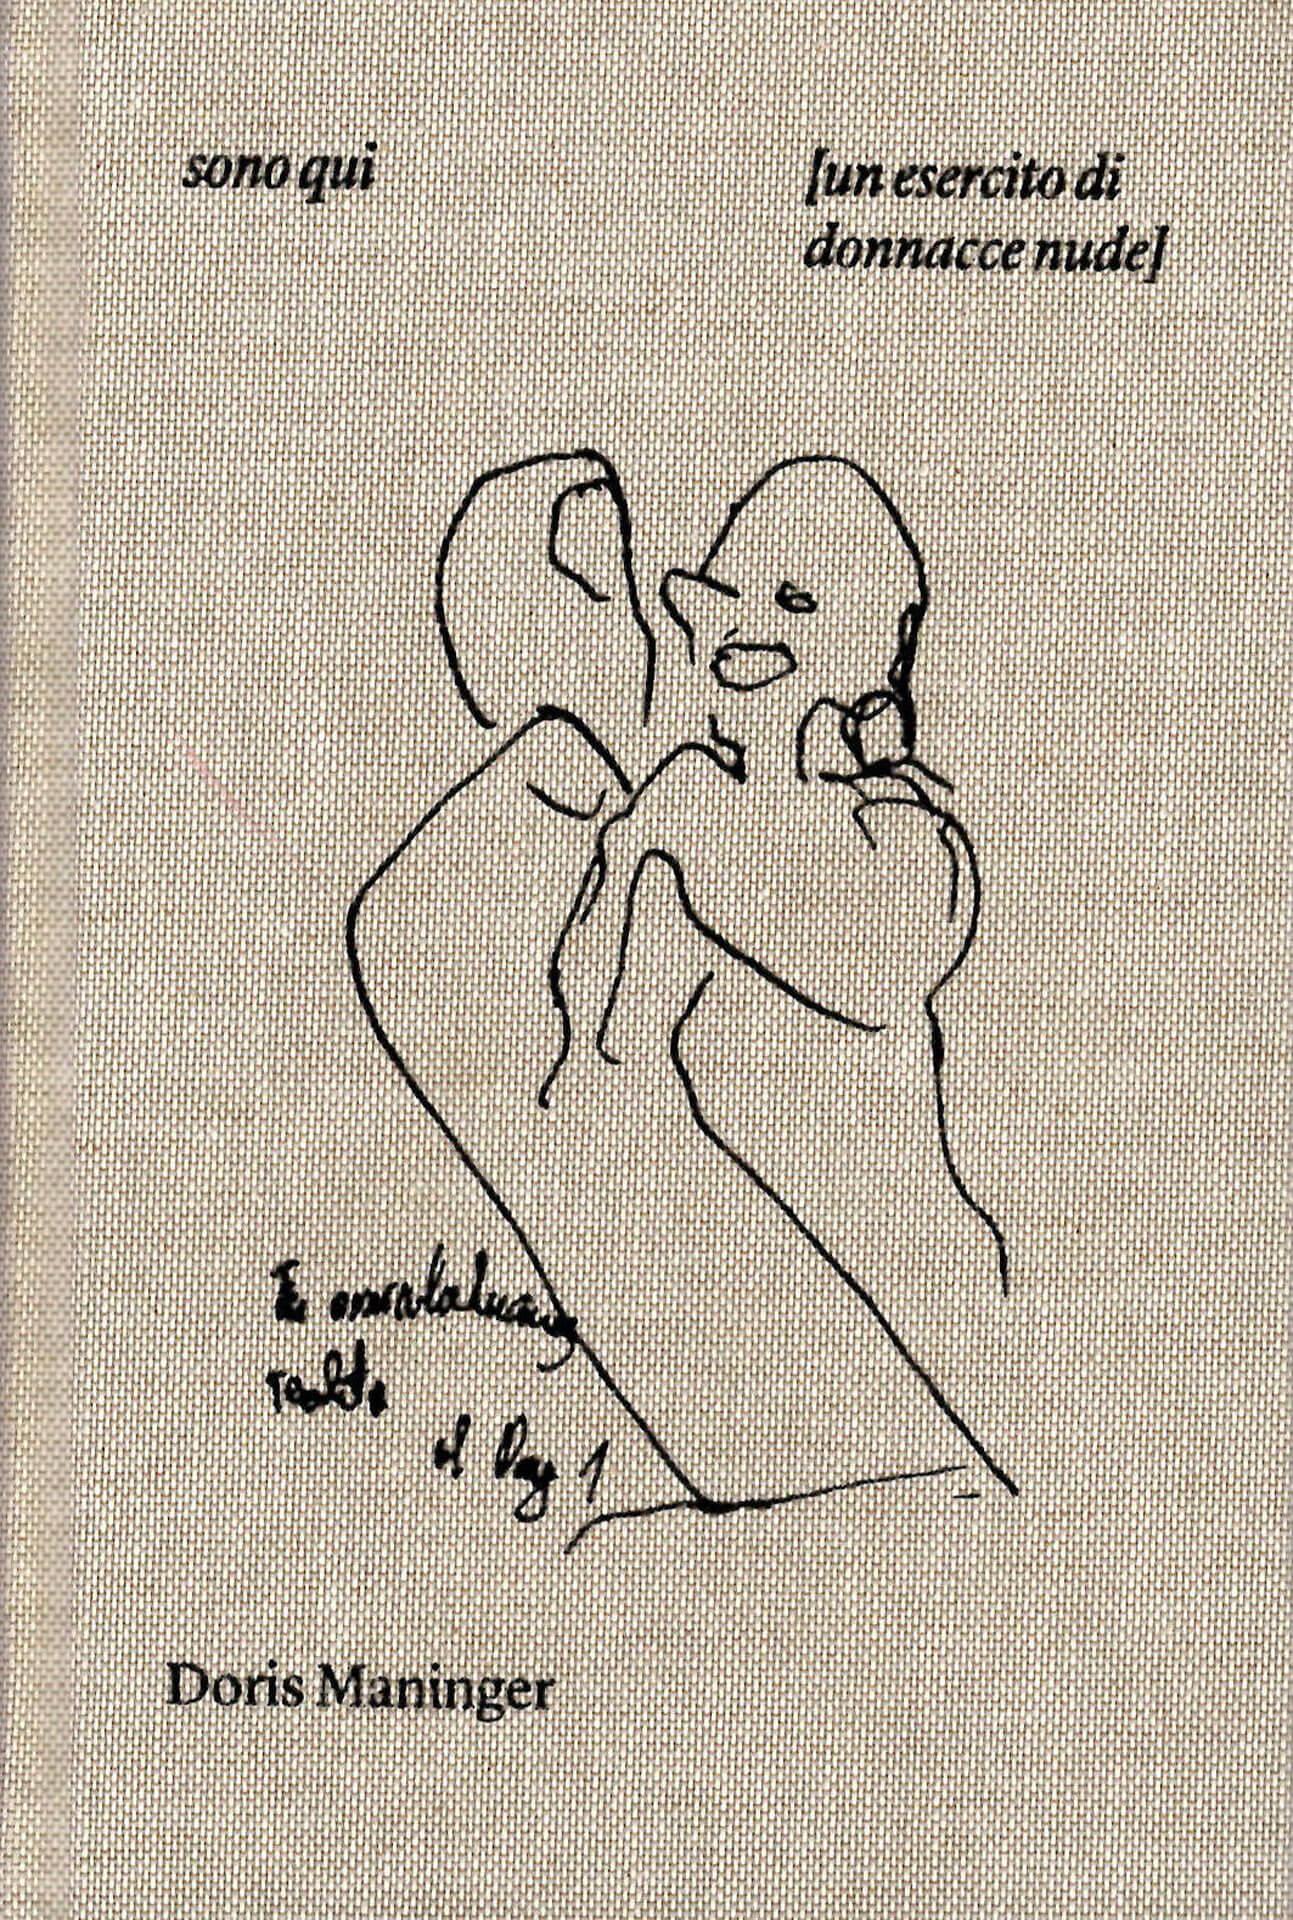 Studio Stefania Miscetti | Catalogues | Doris Maninger | Sono qui